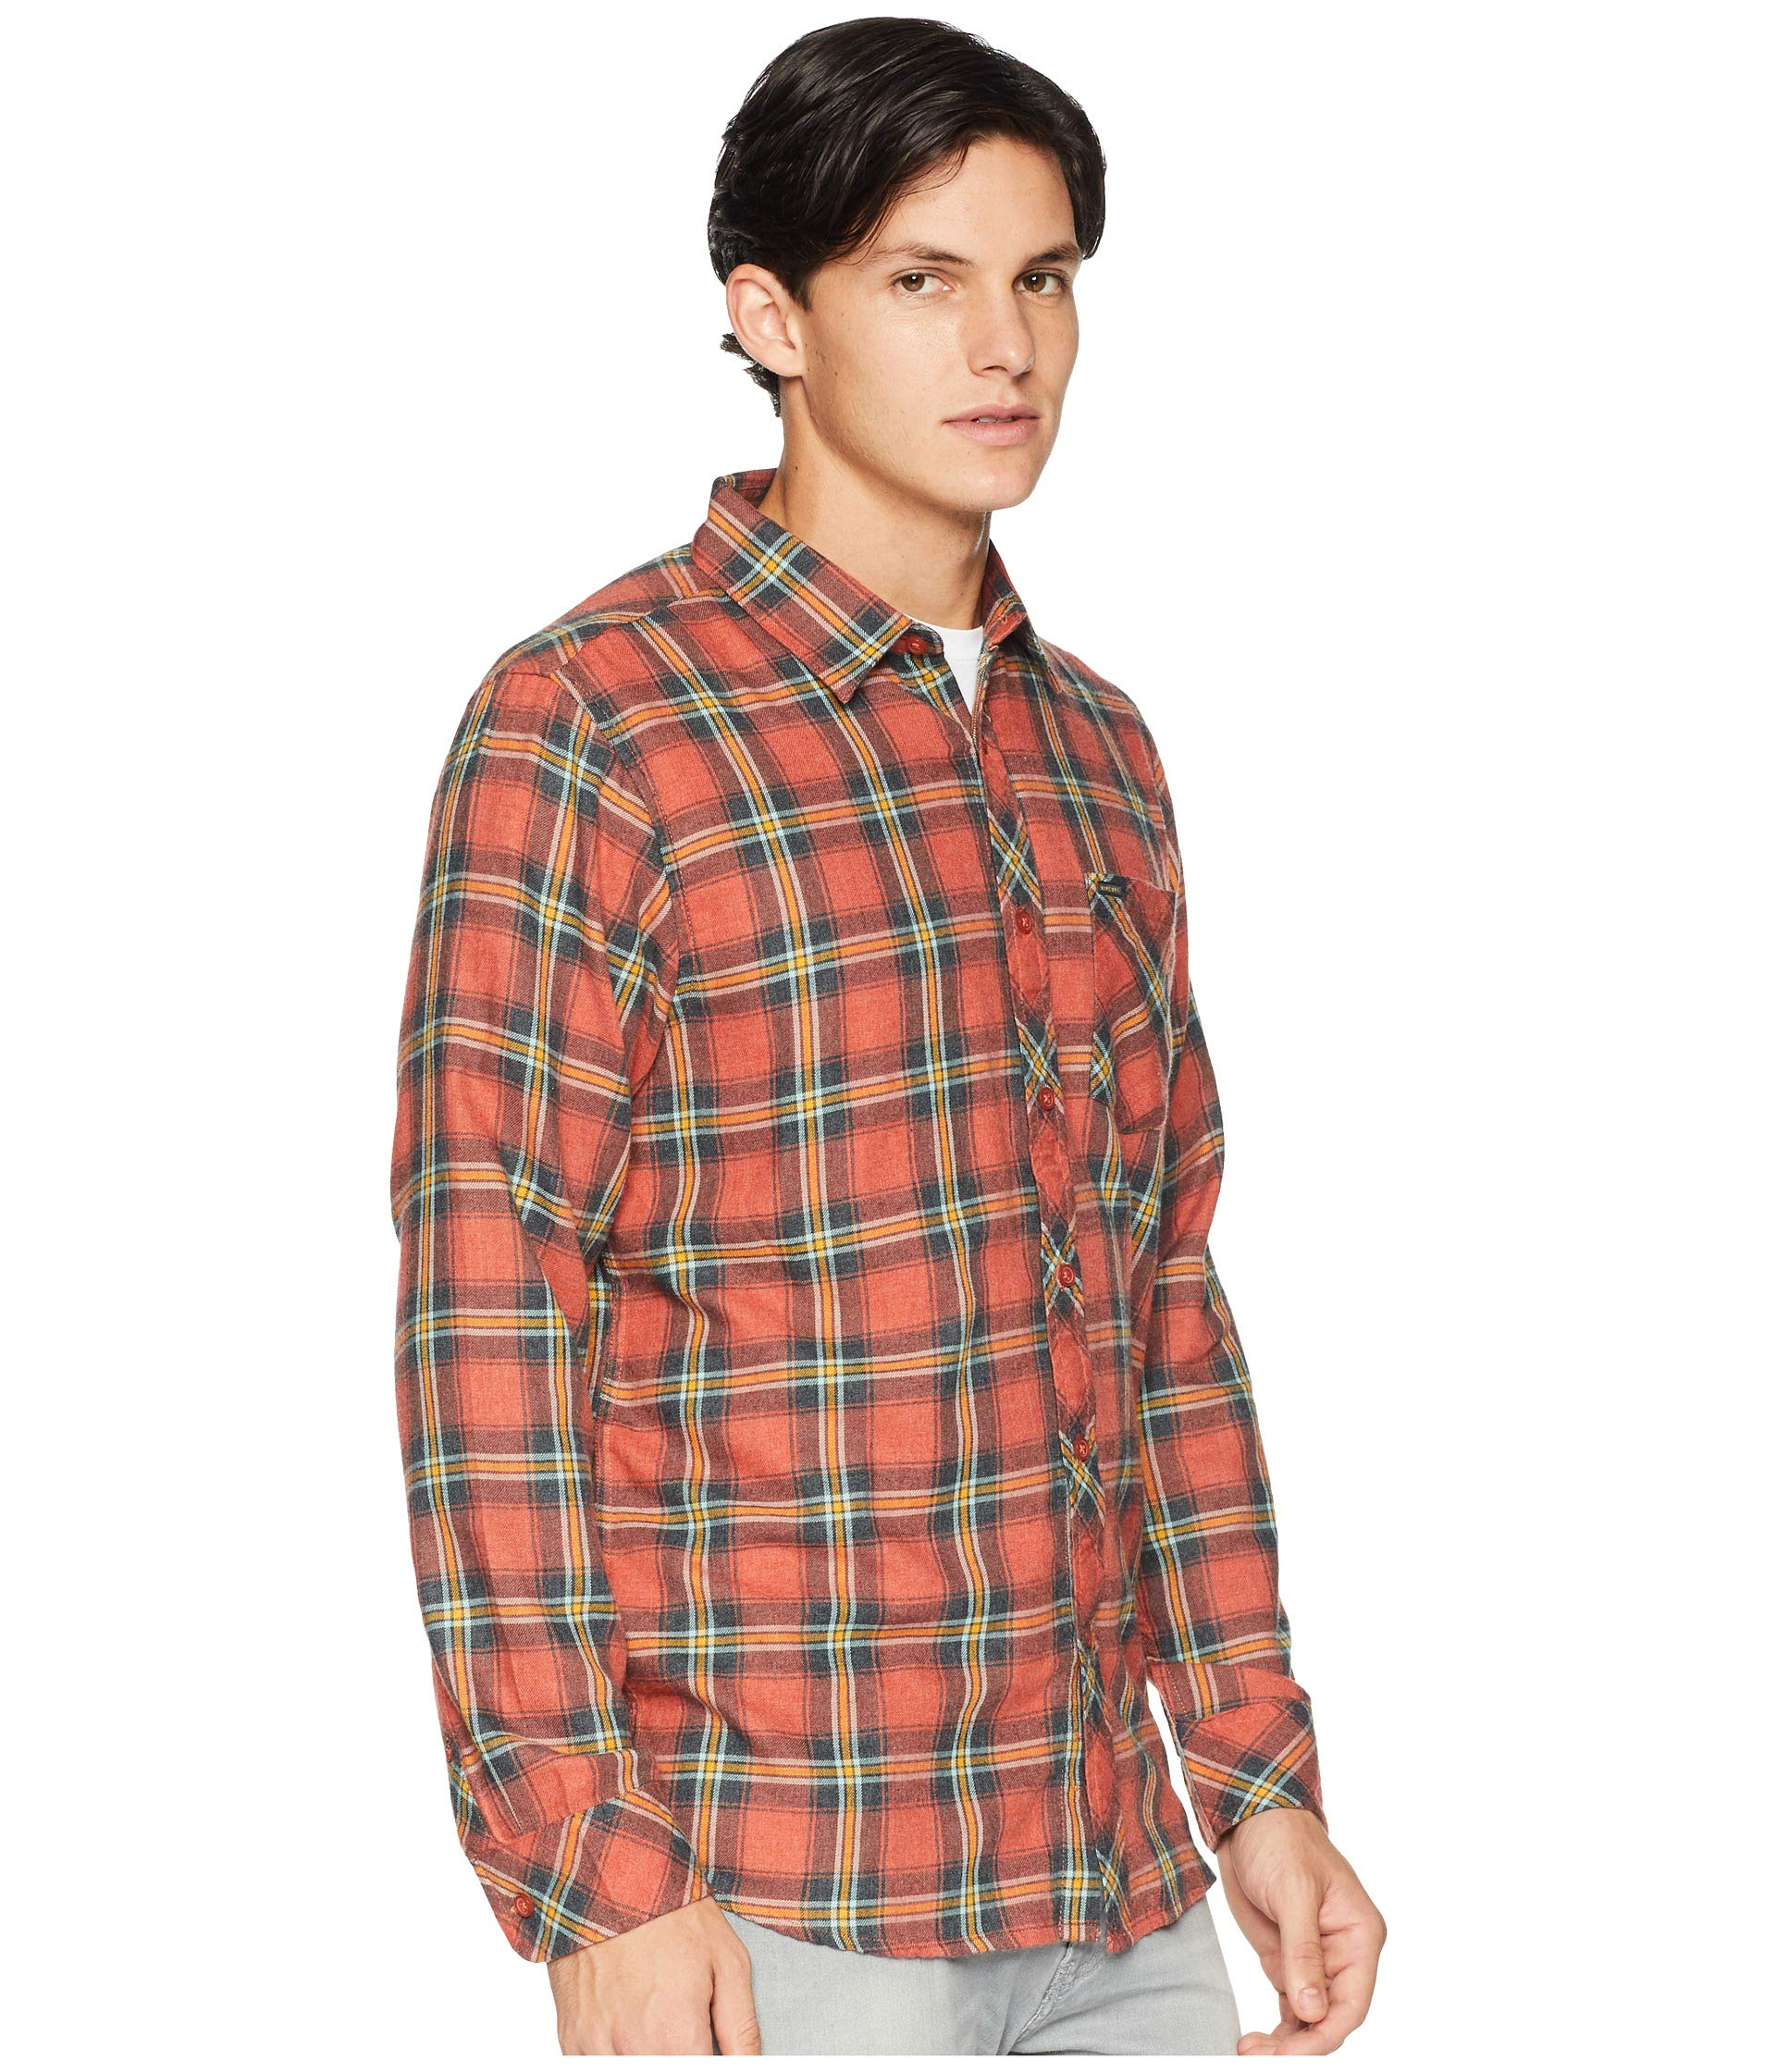 Sleeve Rip Long Dayton Shirt Curl Red qzffY0t6